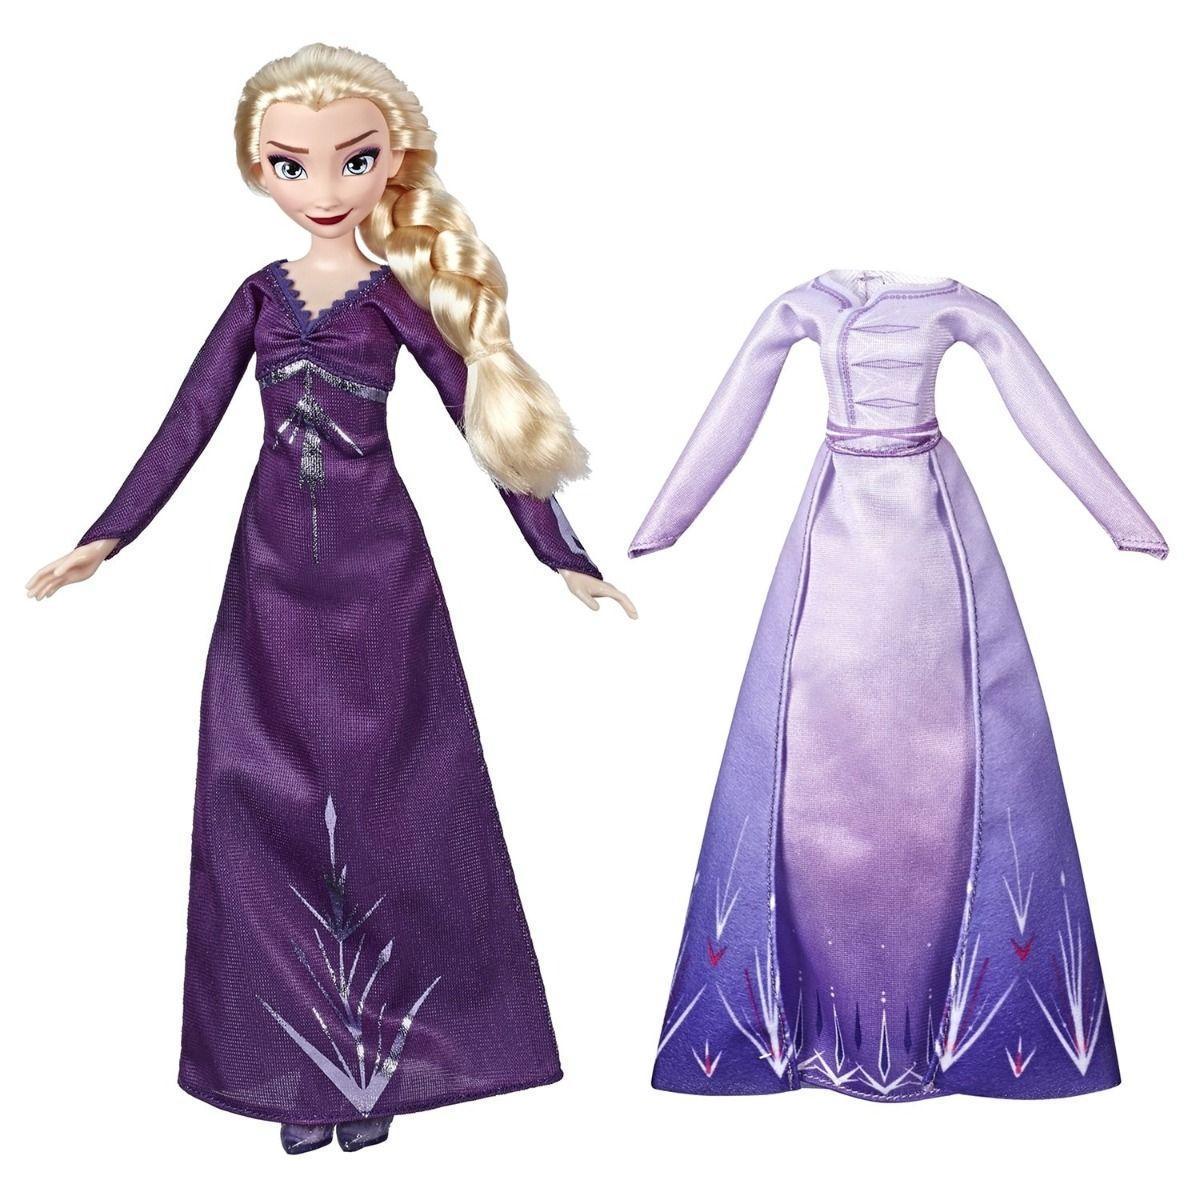 Кукла Холодное сердце 2 Disney Frozen с дополнительными нарядами - фото 4